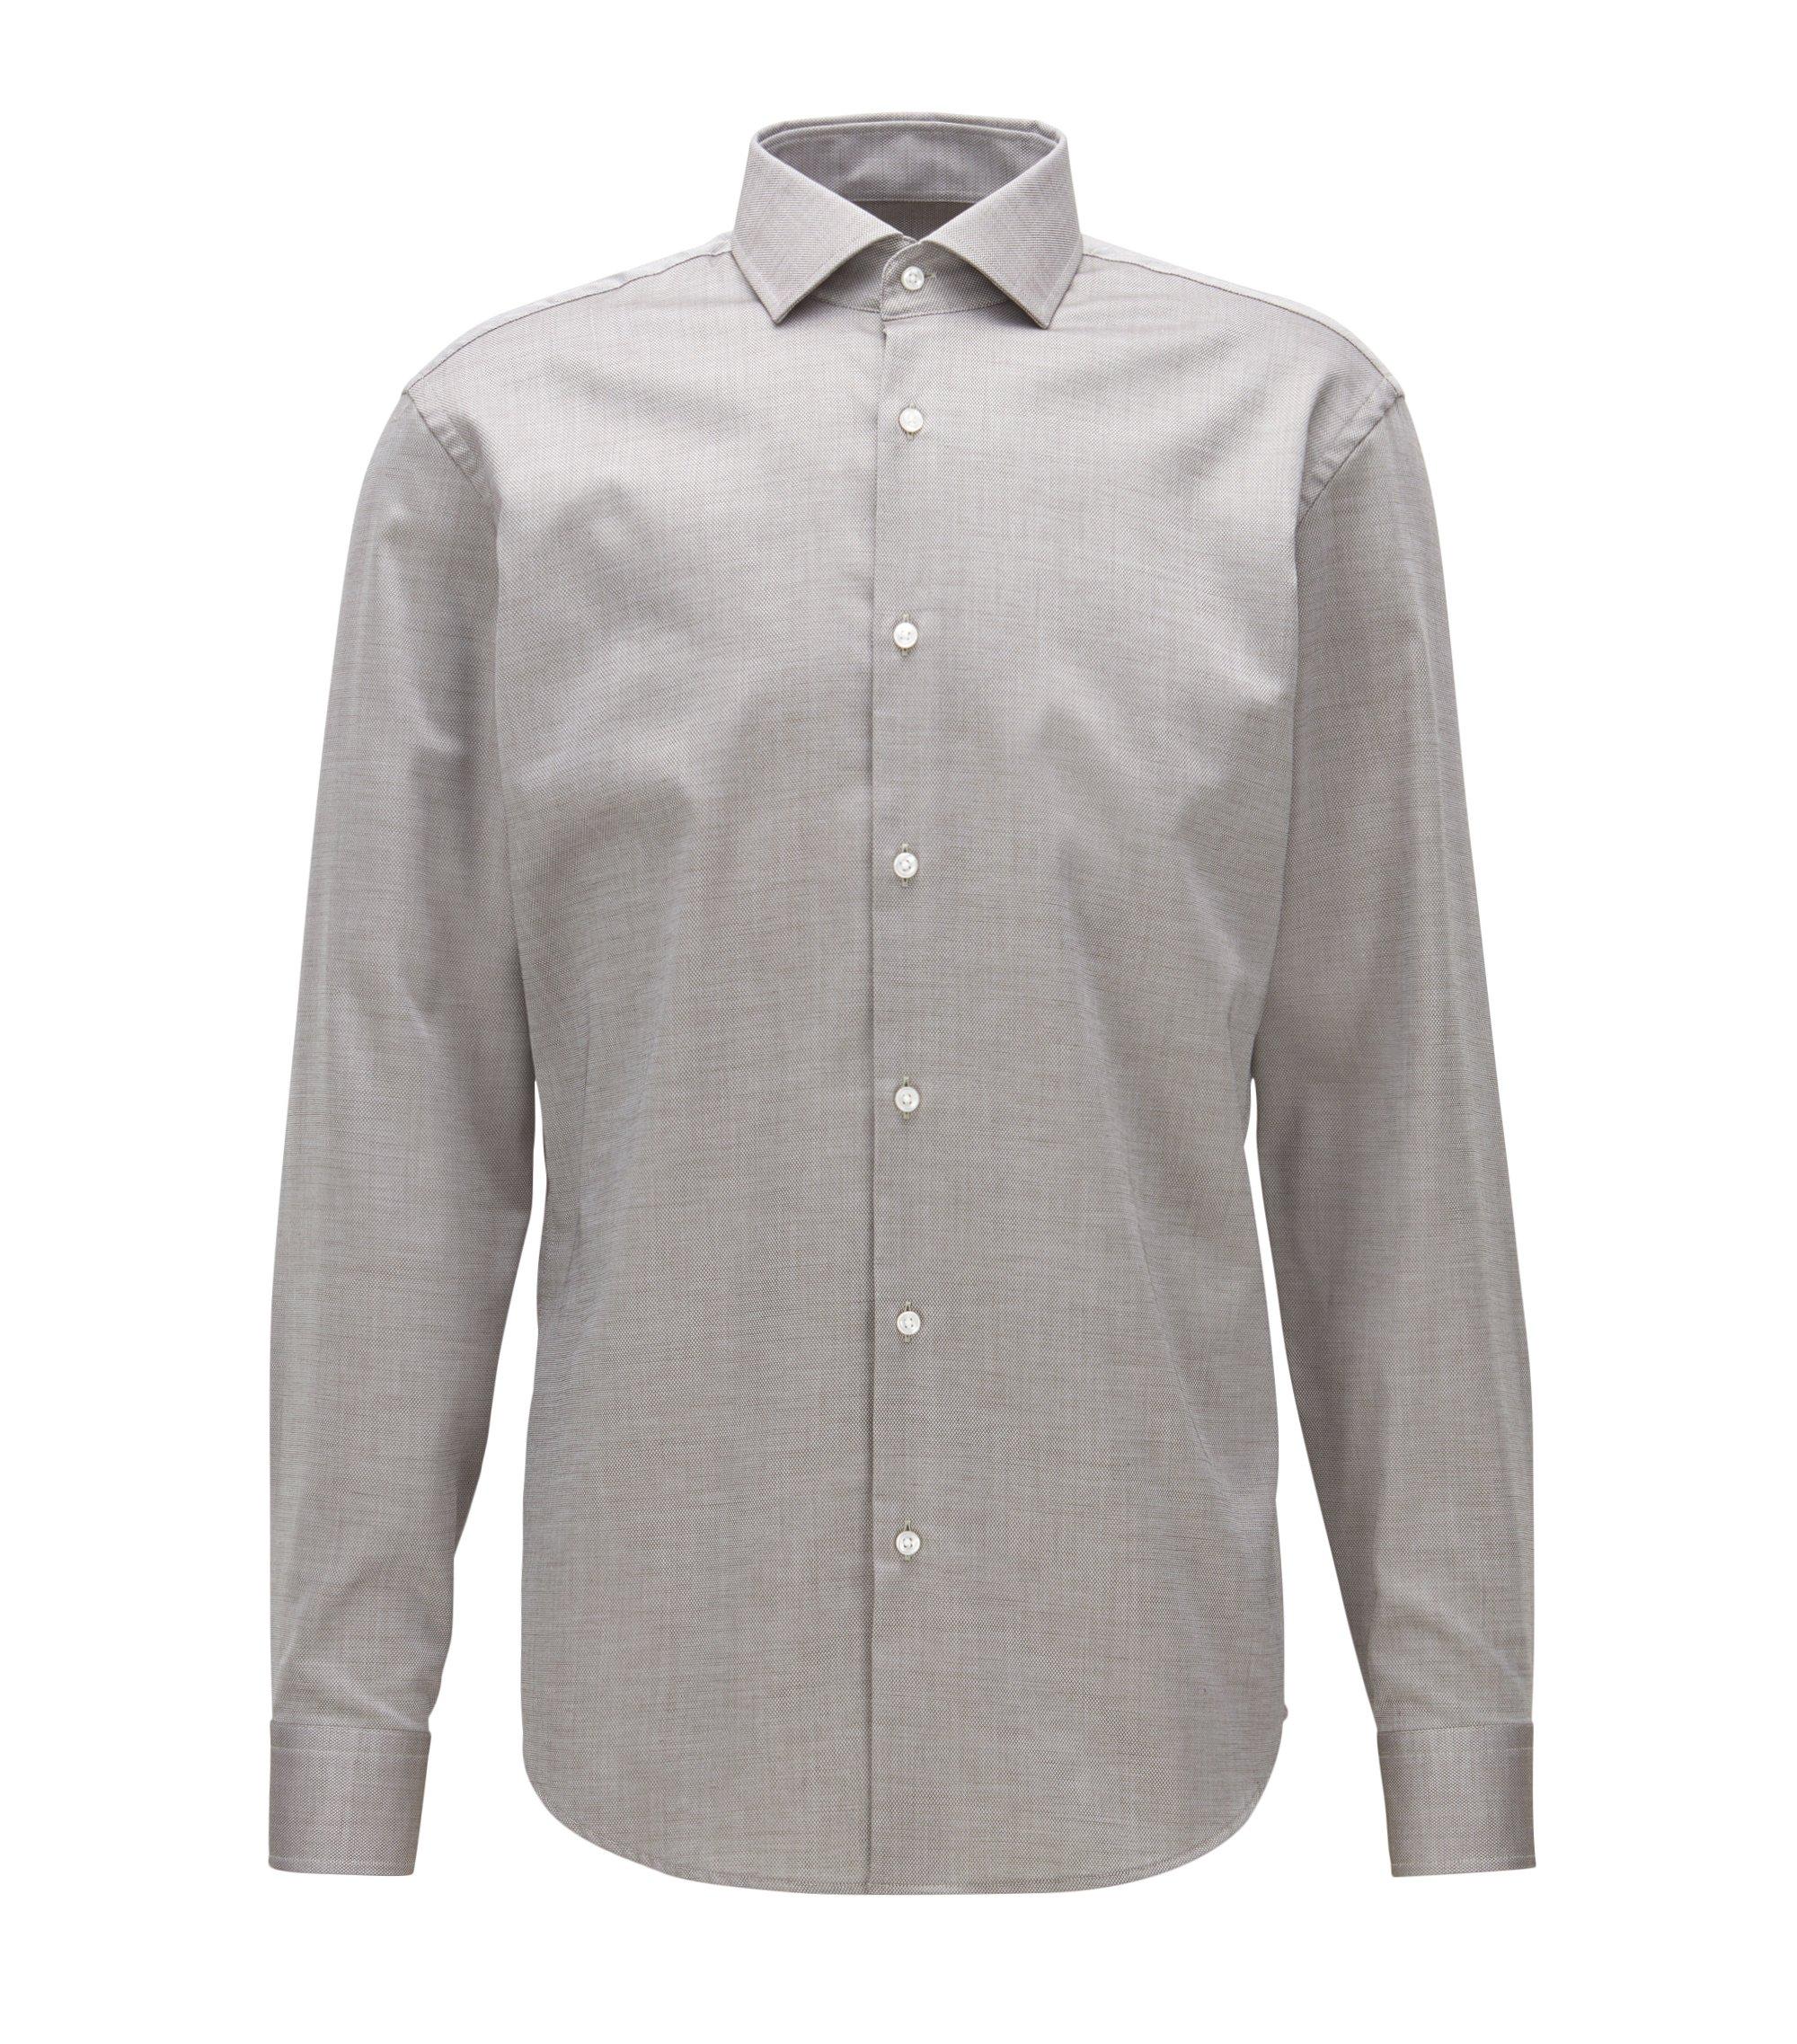 Chemise Regular Fit facile à repasser, en coton à micro-motif, Gris chiné